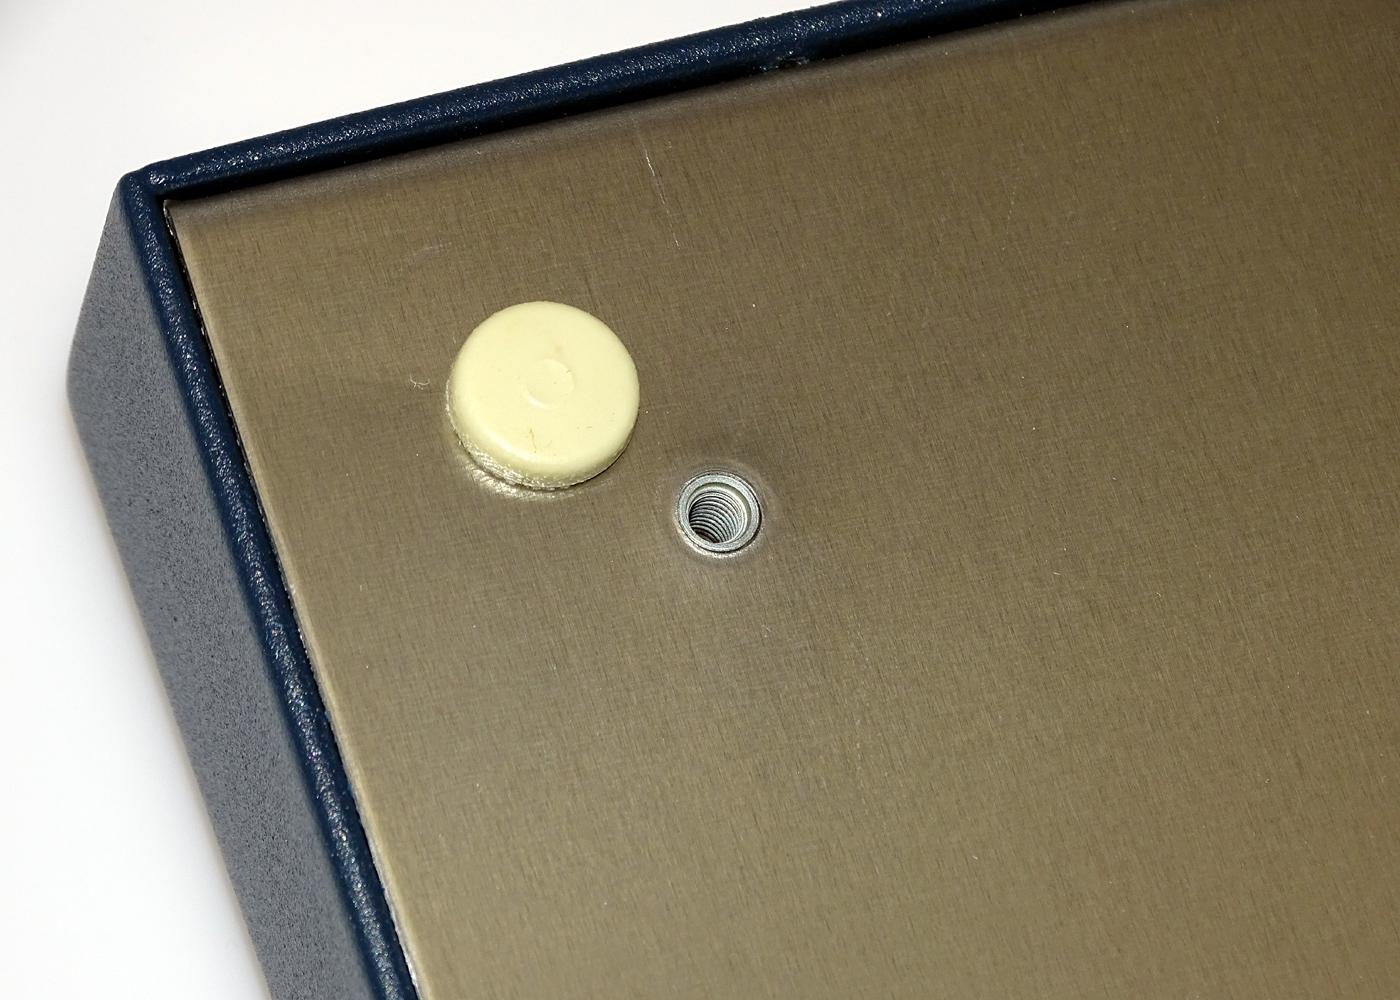 Clavier industriel 105 touches en boitier de table – détails pied et insert taraudé